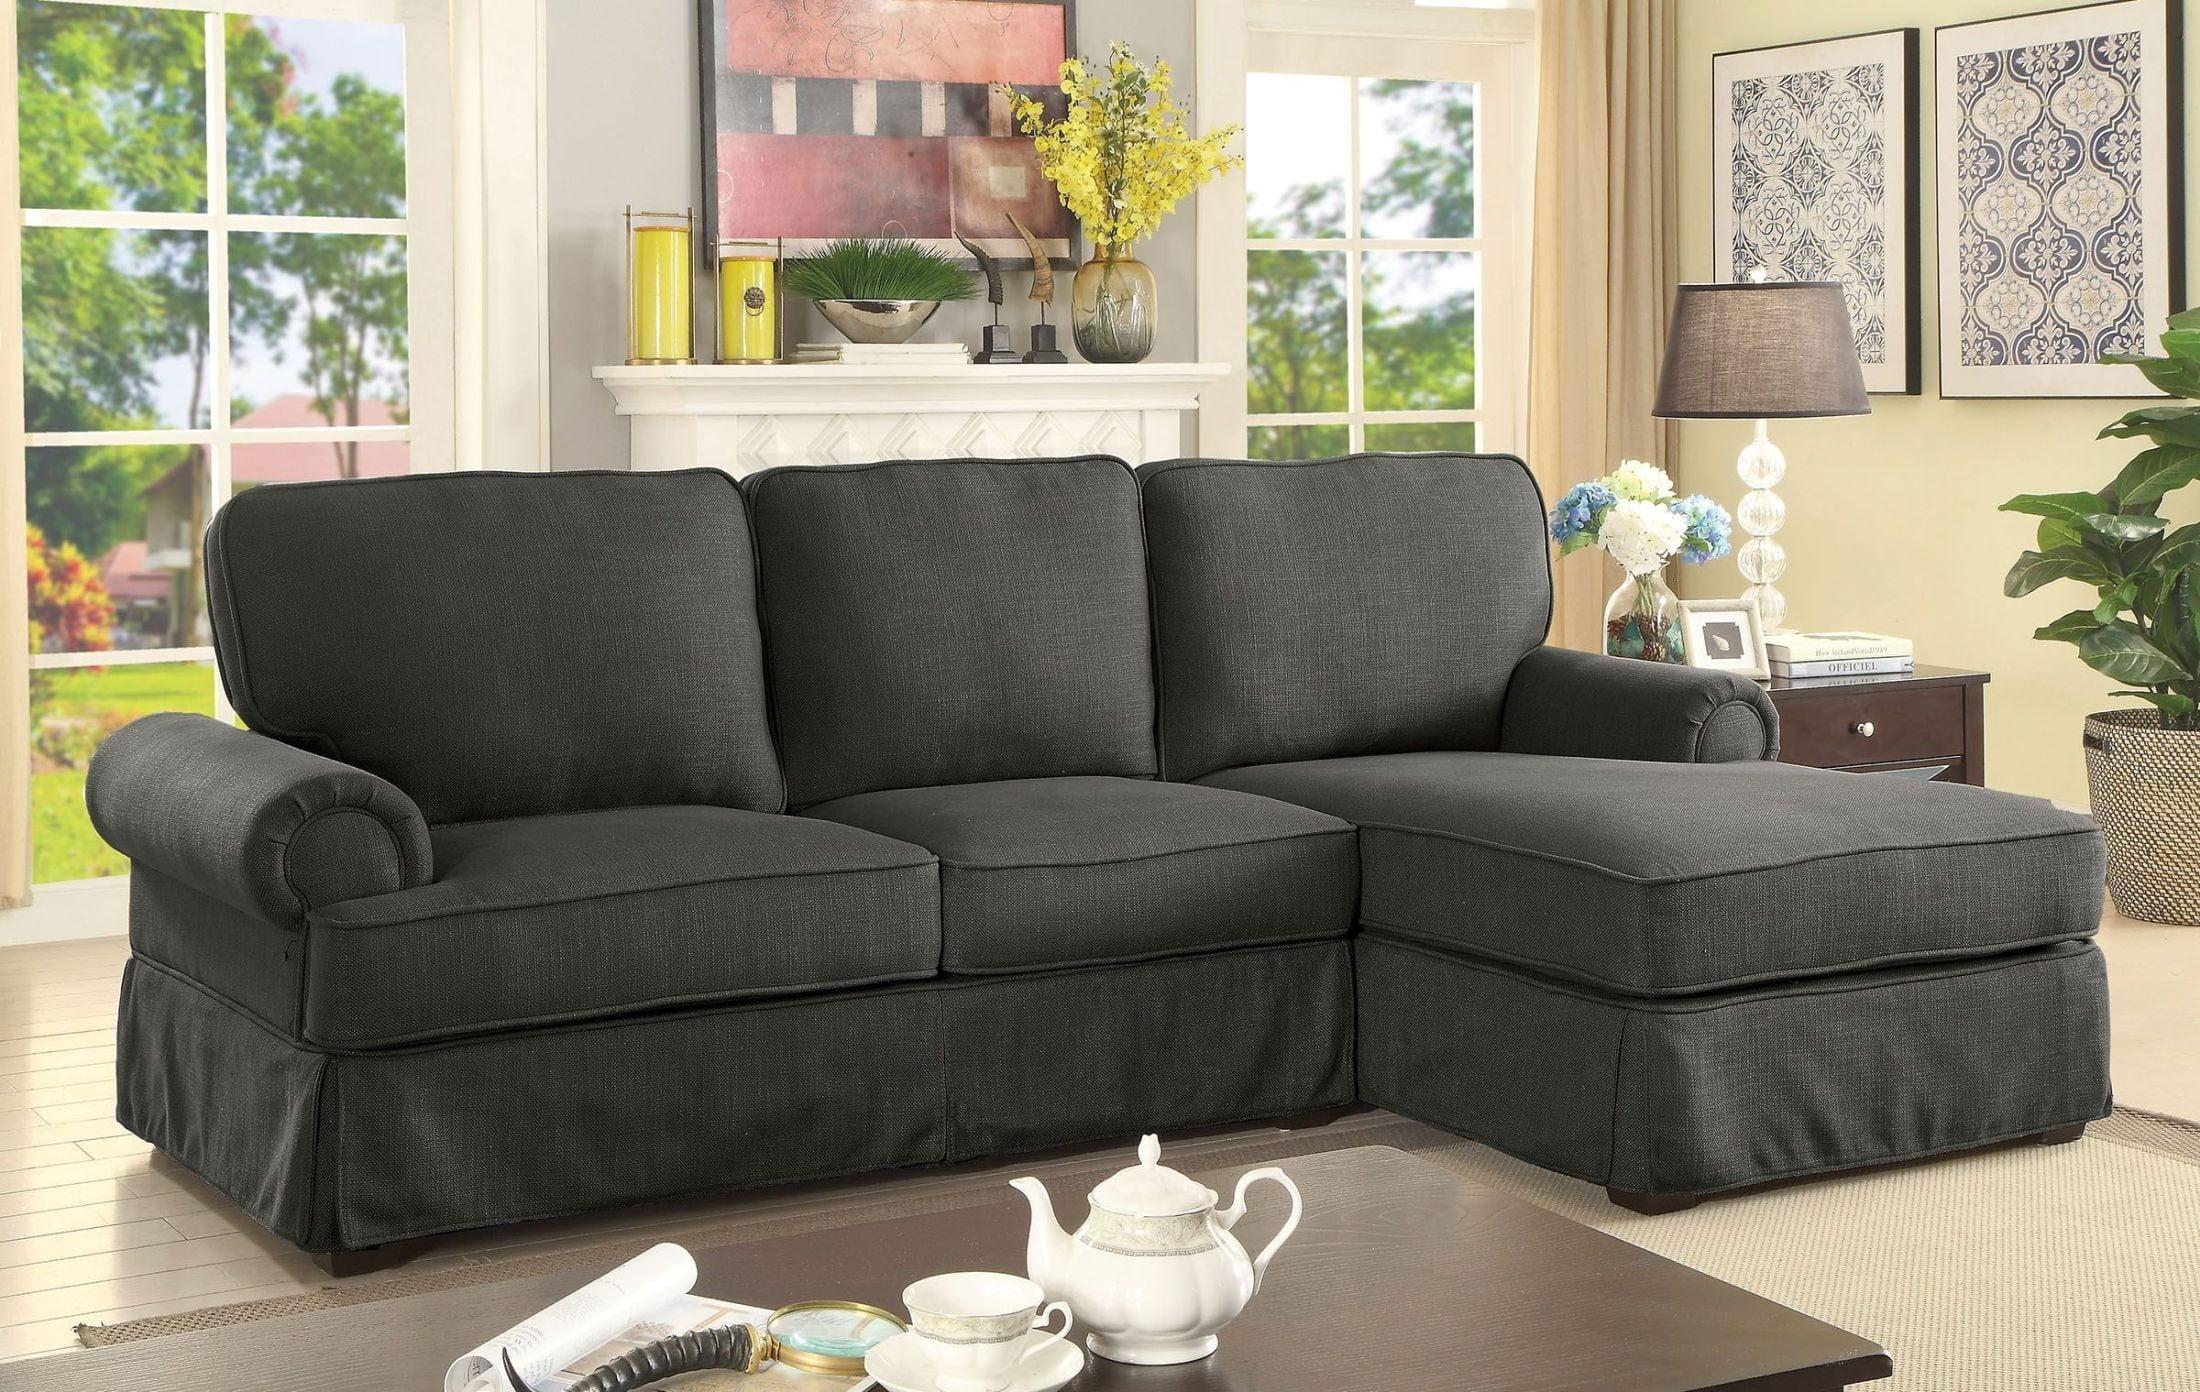 Badalona ii gray fabric sectional 2502104